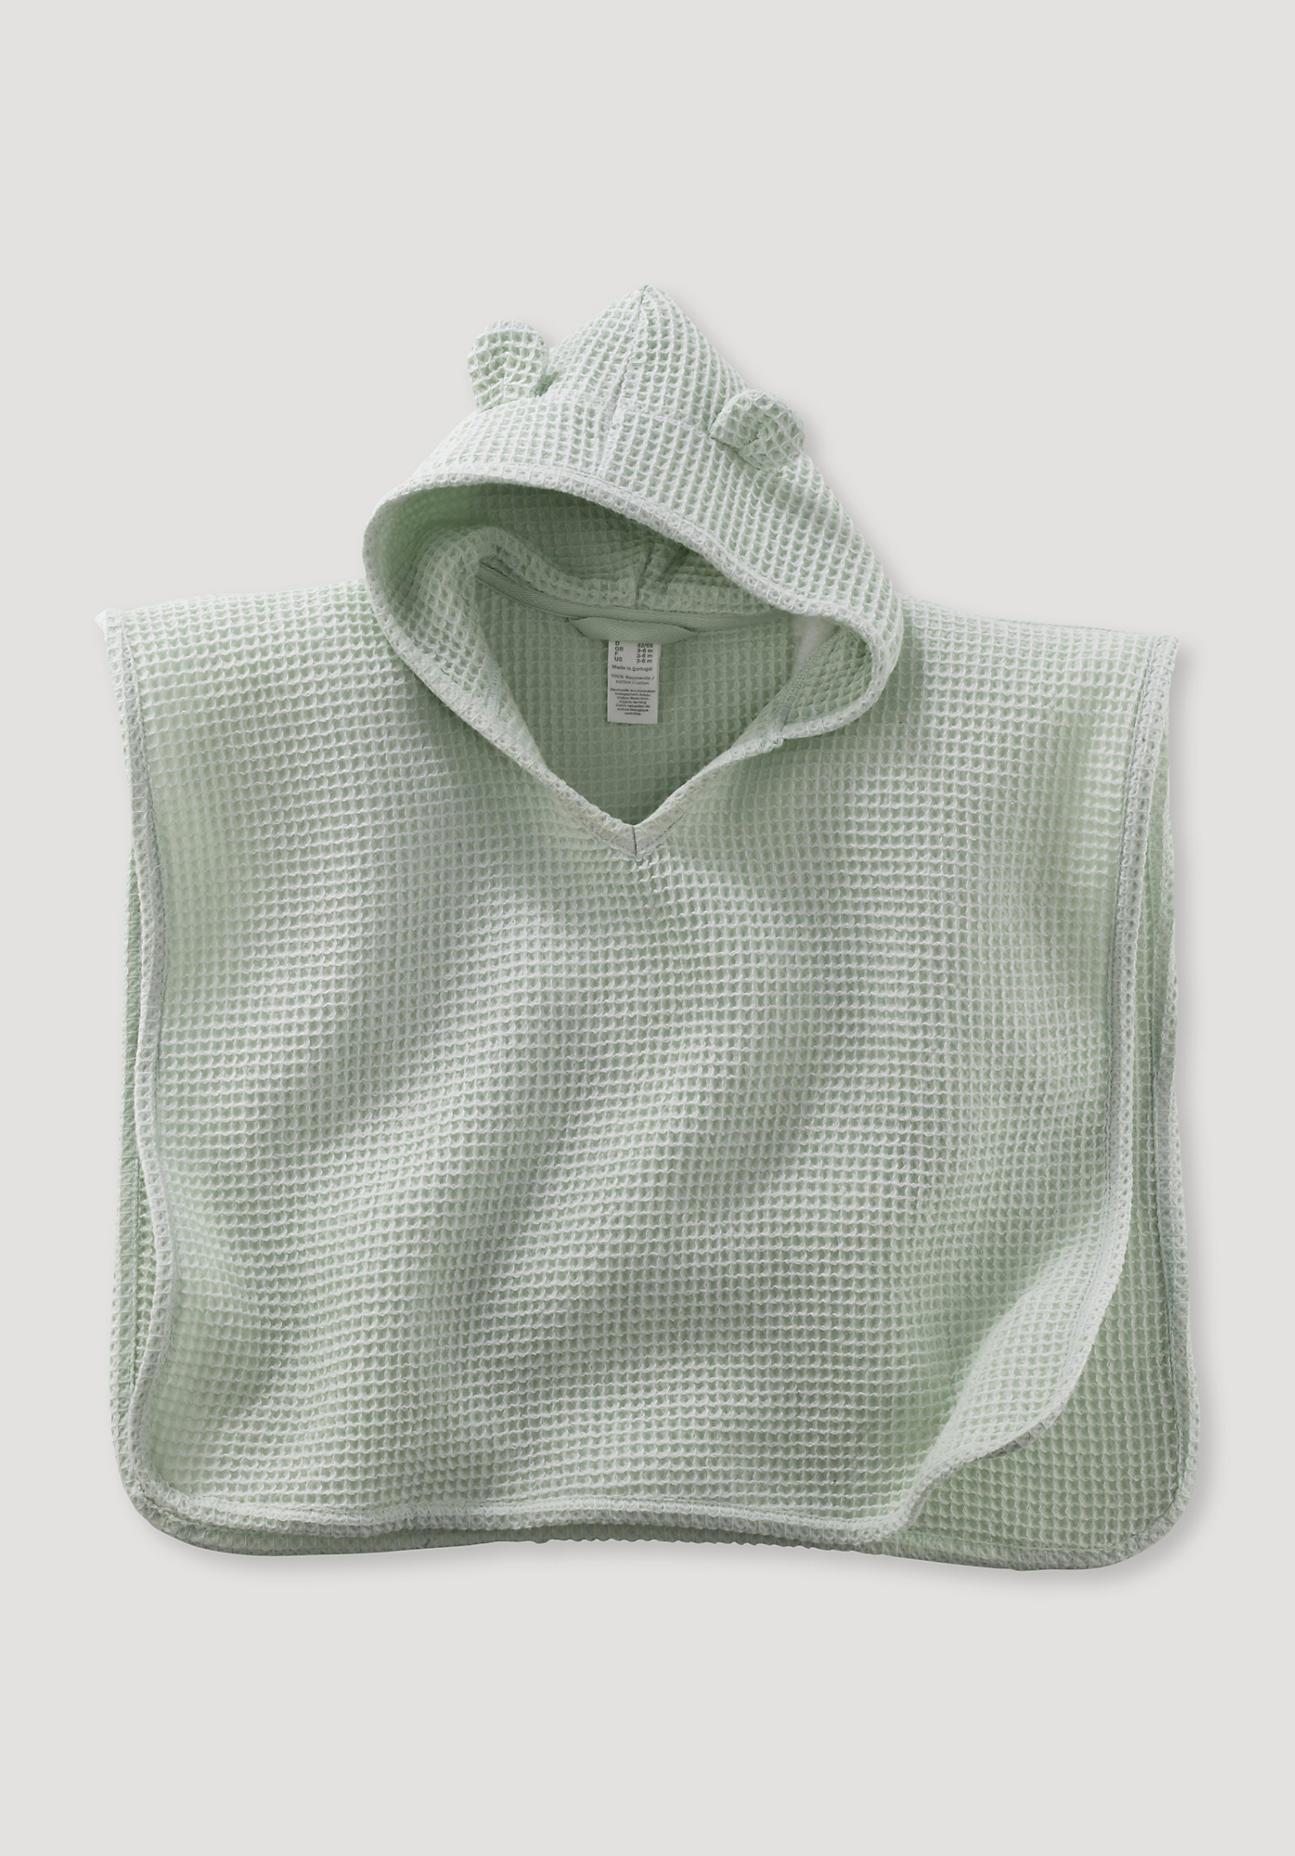 hessnatur Baby Waffelpiqué-Badeponcho aus Bio-Baumwolle – grün – Größe 98/104